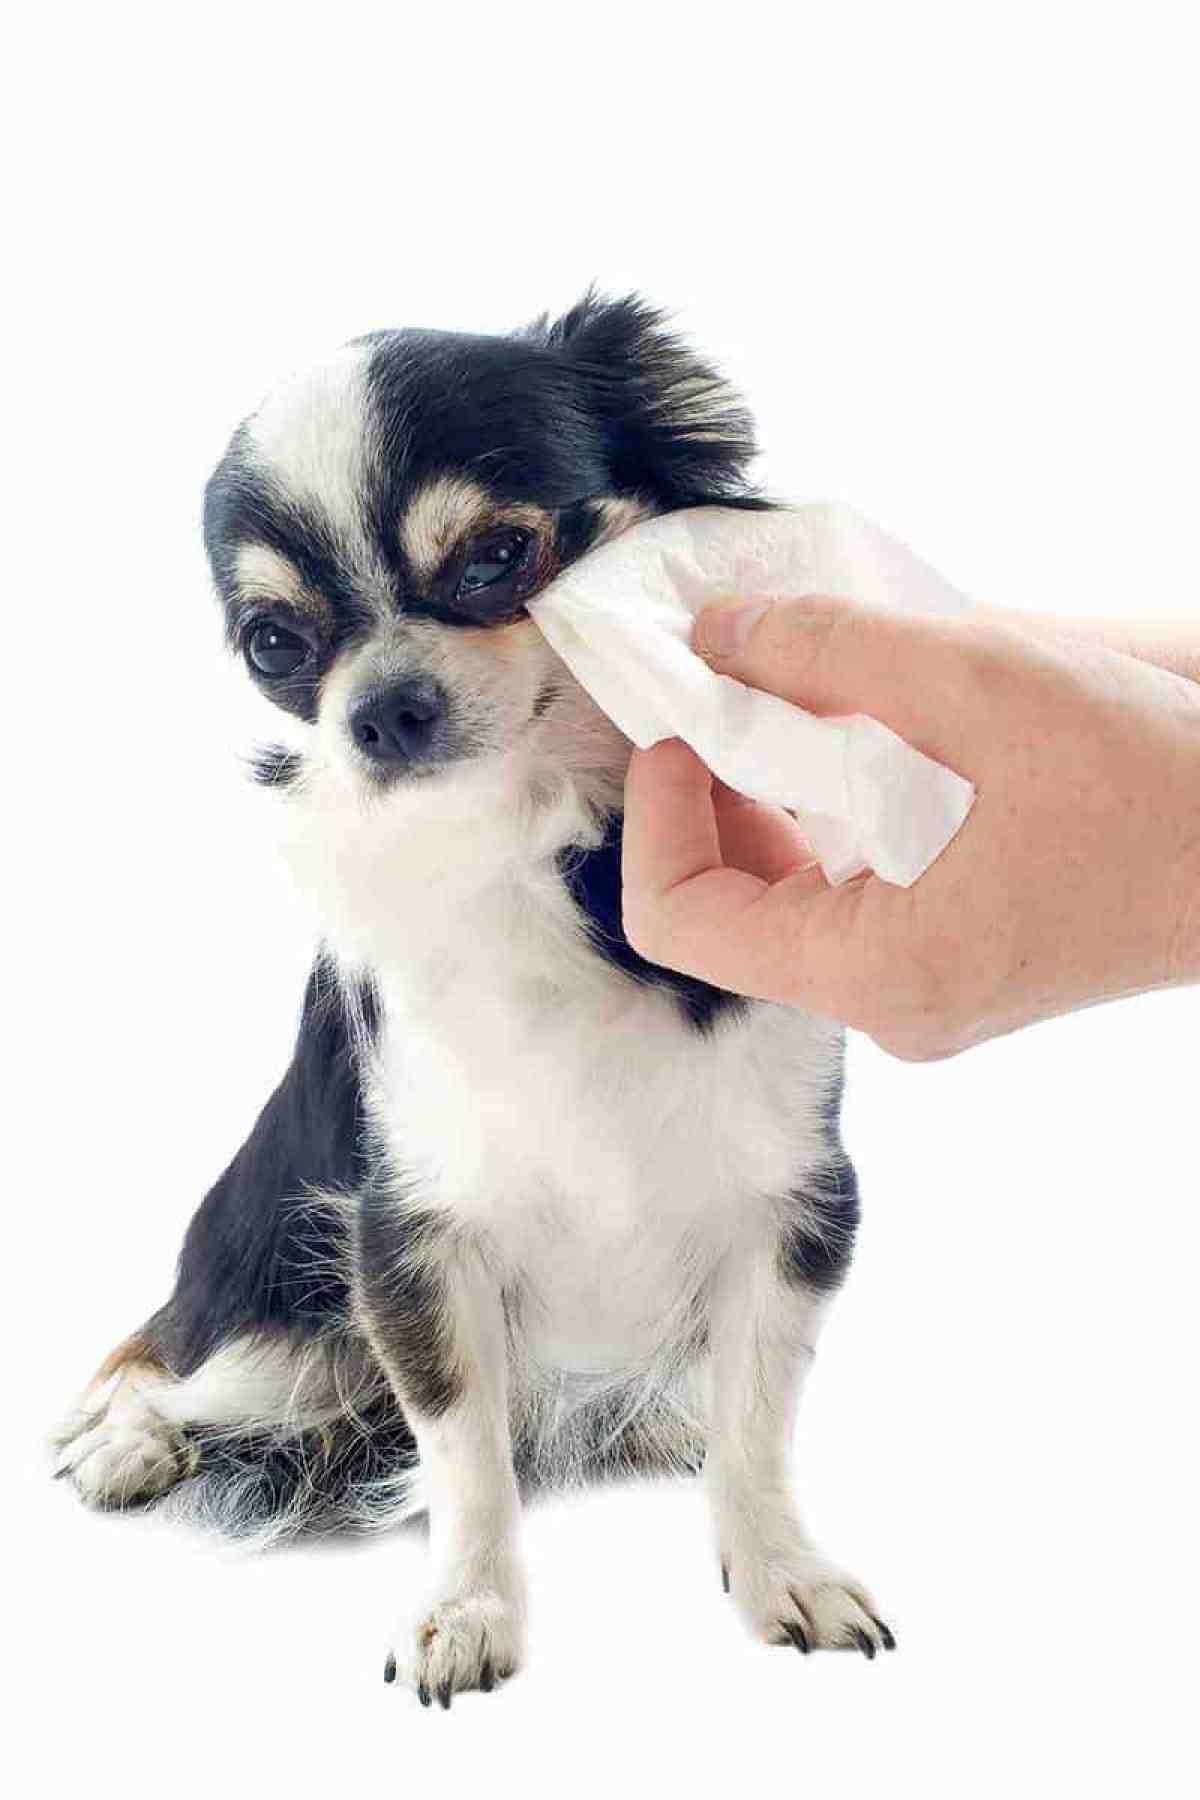 Oczyszczanie oczu psa